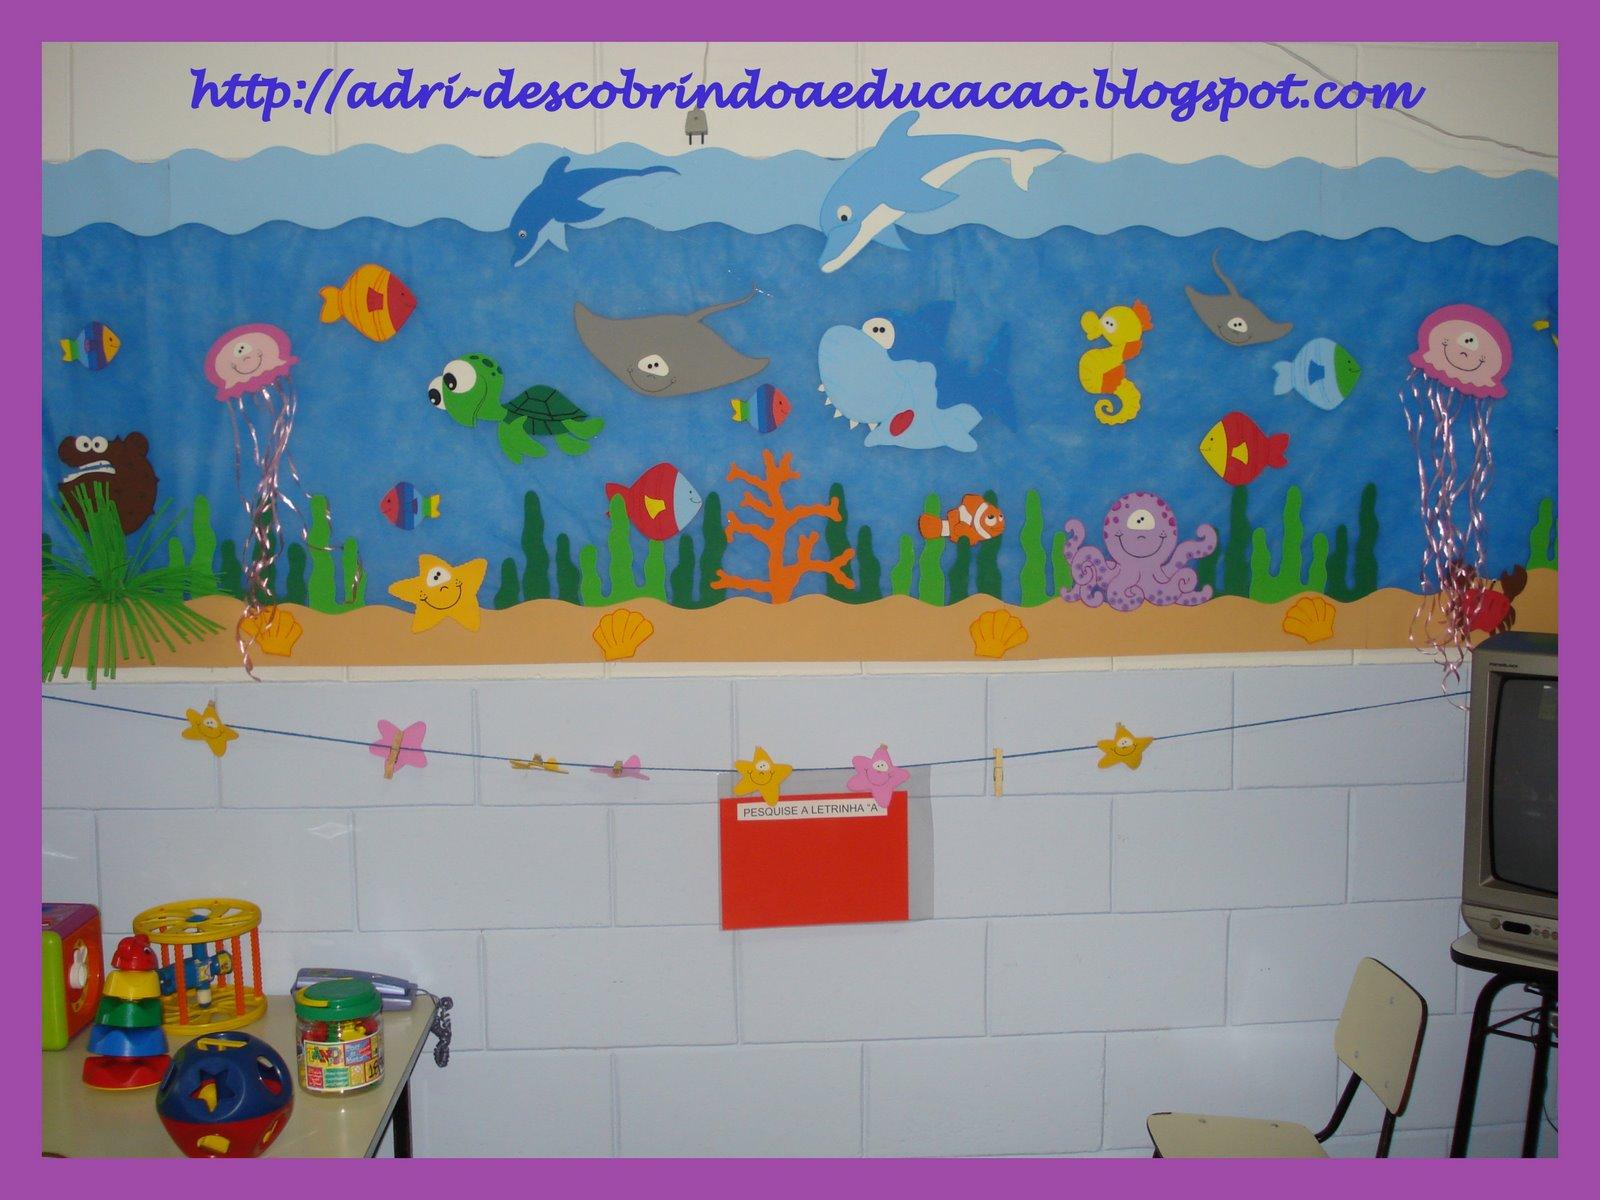 Descobrindo a Educação Infantil ♥ Julho 2010 -> Decoracao Banheiro Educacao Infantil